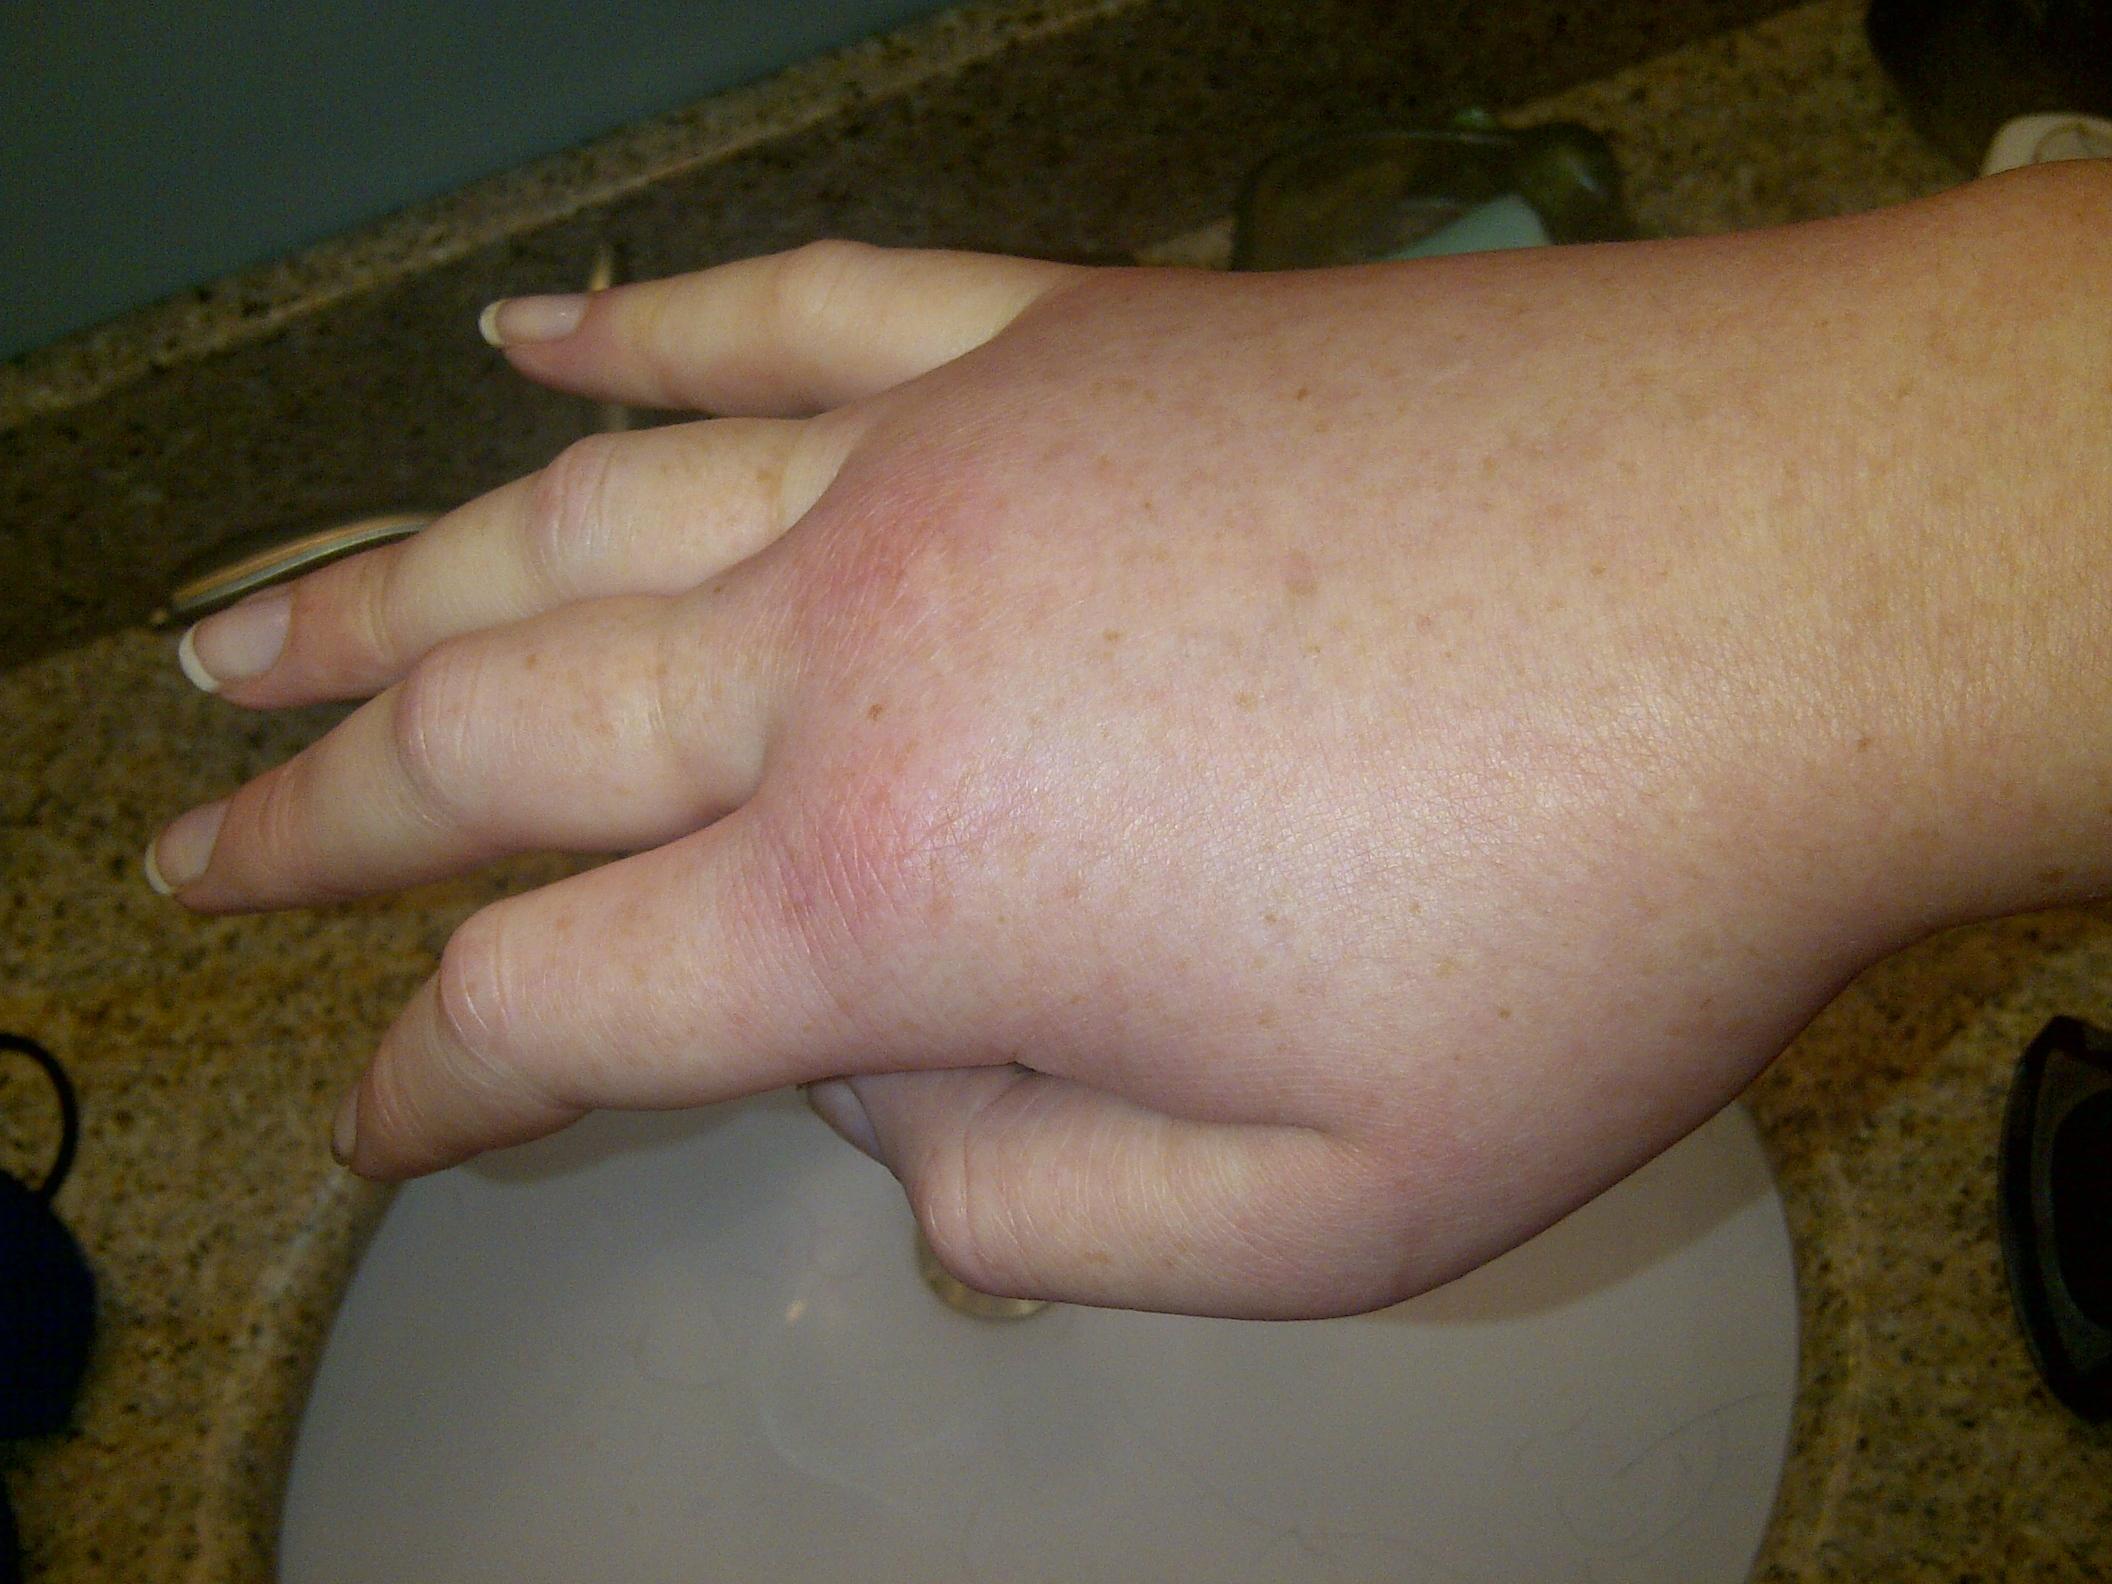 causas de edema nas extremidades